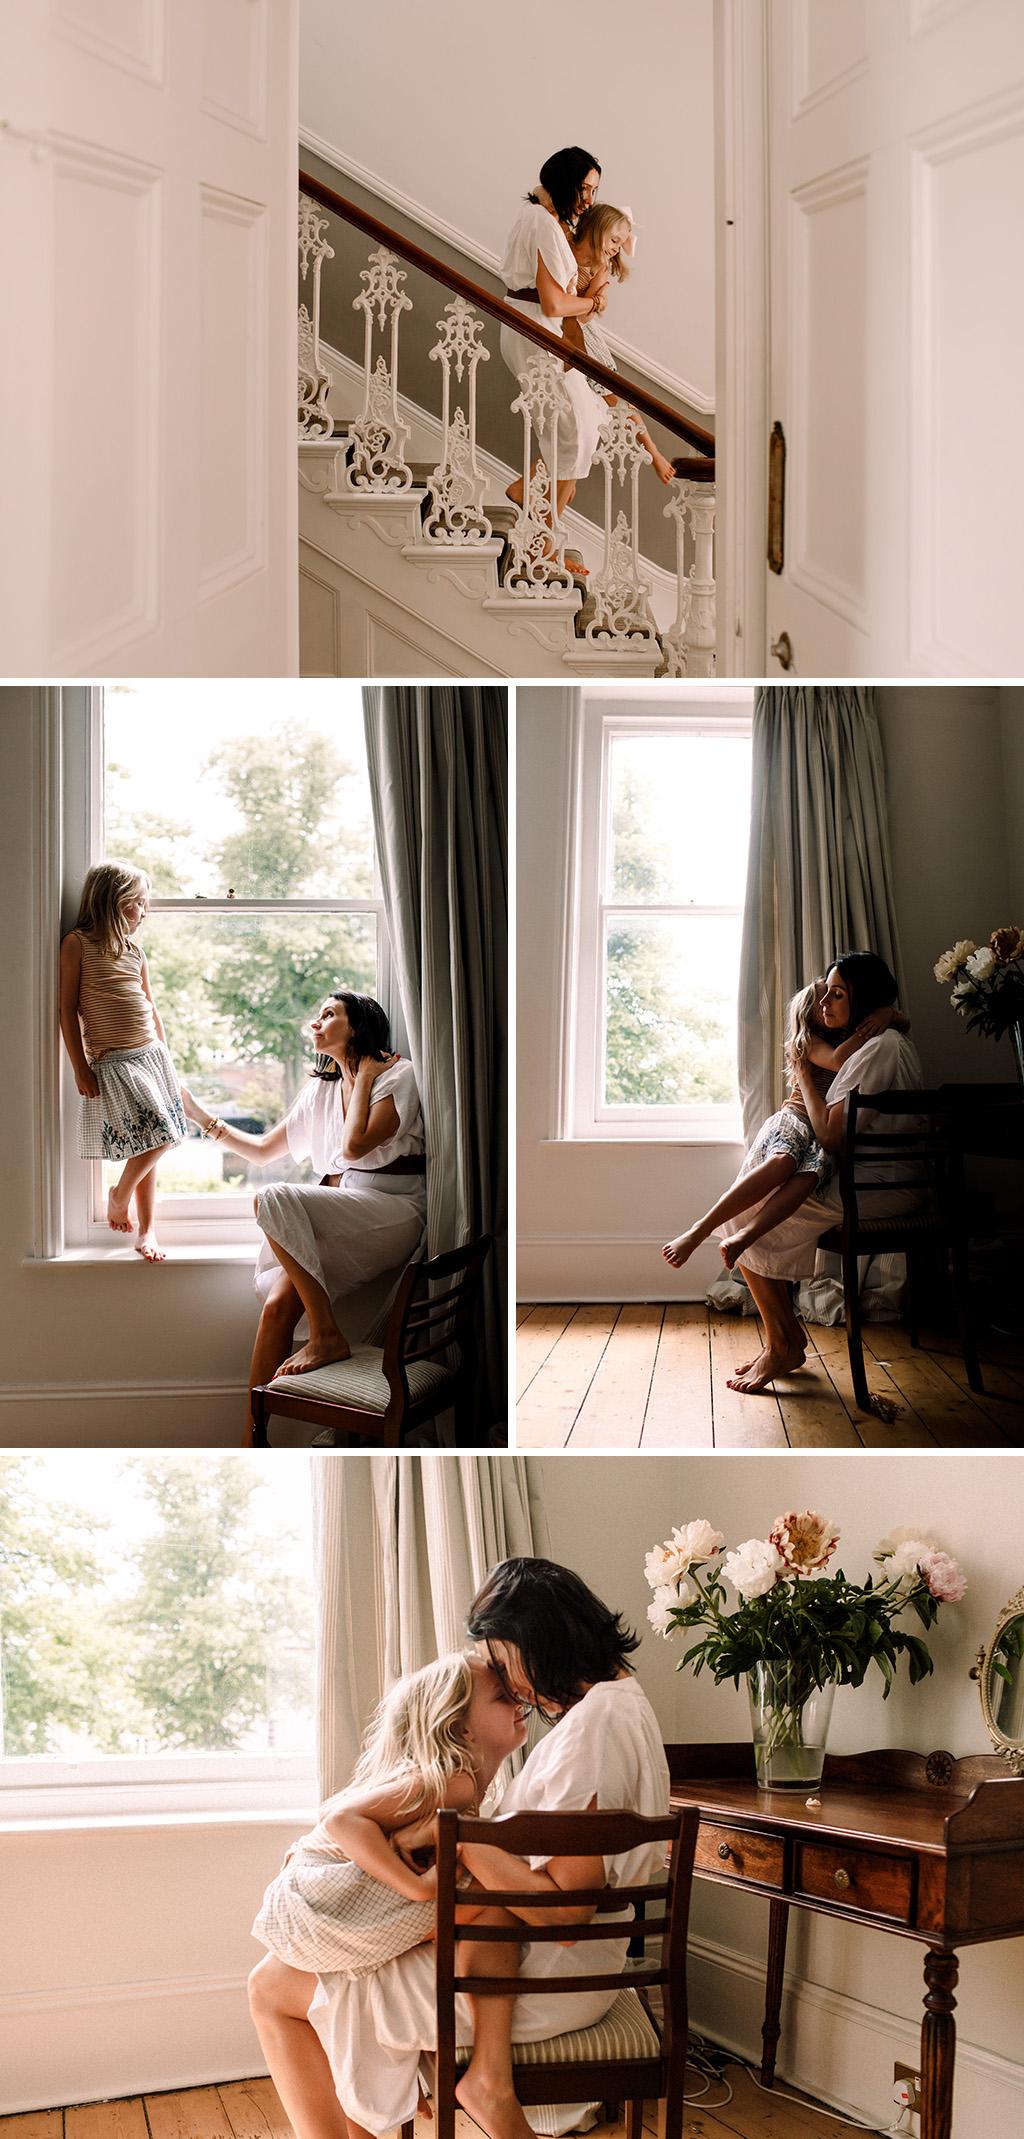 Lifestylefamiljefotografering-hemmahosfotografering_Anna_Sandstrom_4.jpg